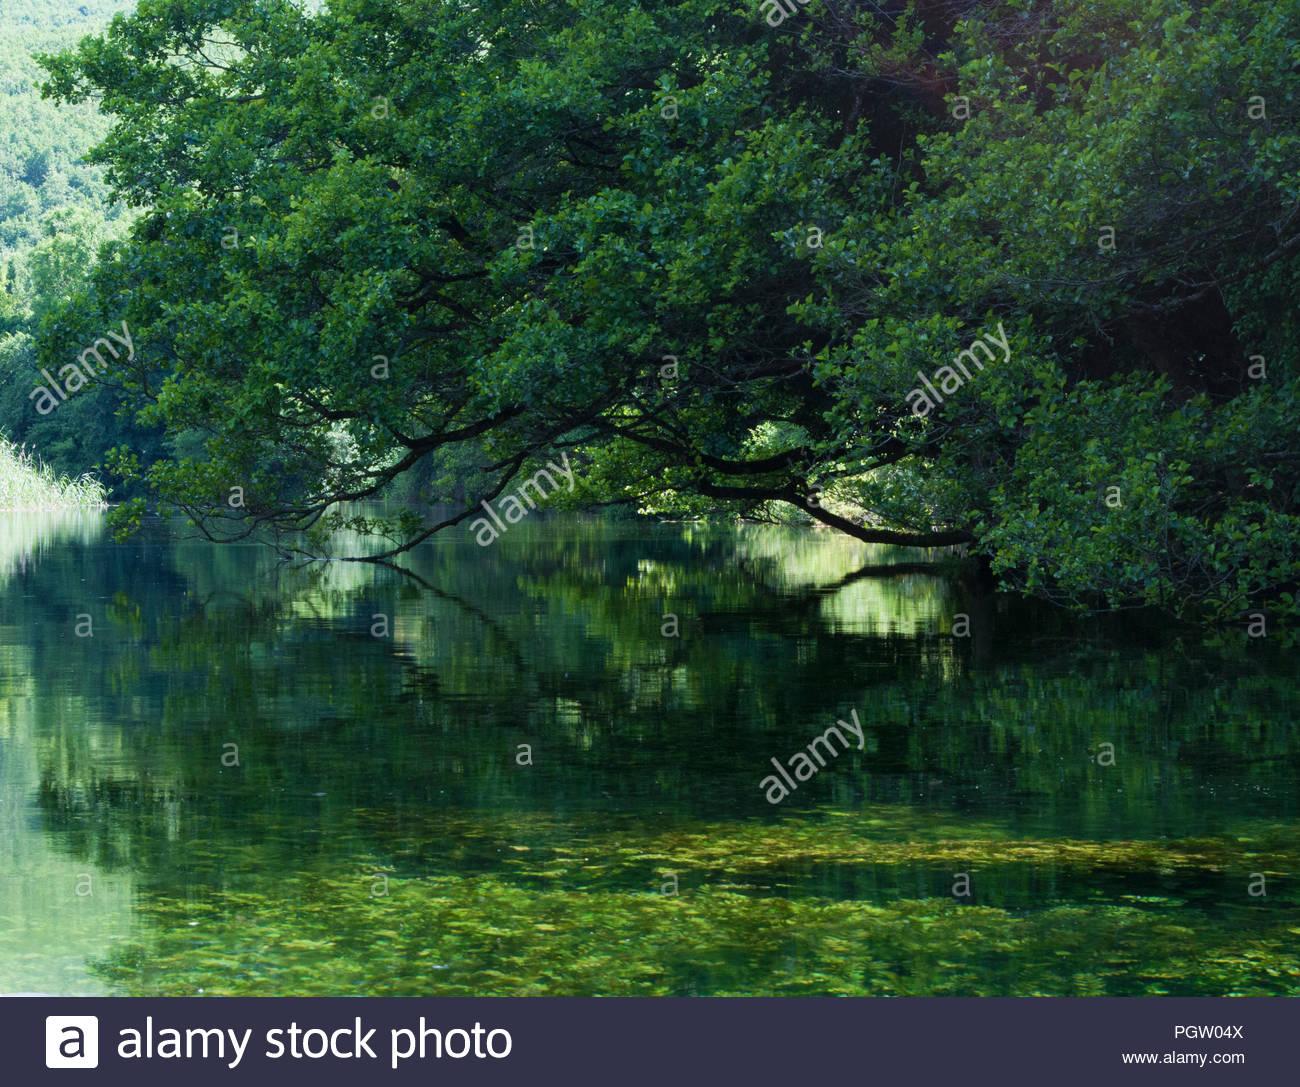 Tree grove frome l'eau. La nature peut toujours surprendre, et montrent à quel point il peut être beau, sauvage, weired et intéressant. Ohrid, Seint Naum (Macédoine) Photo Stock